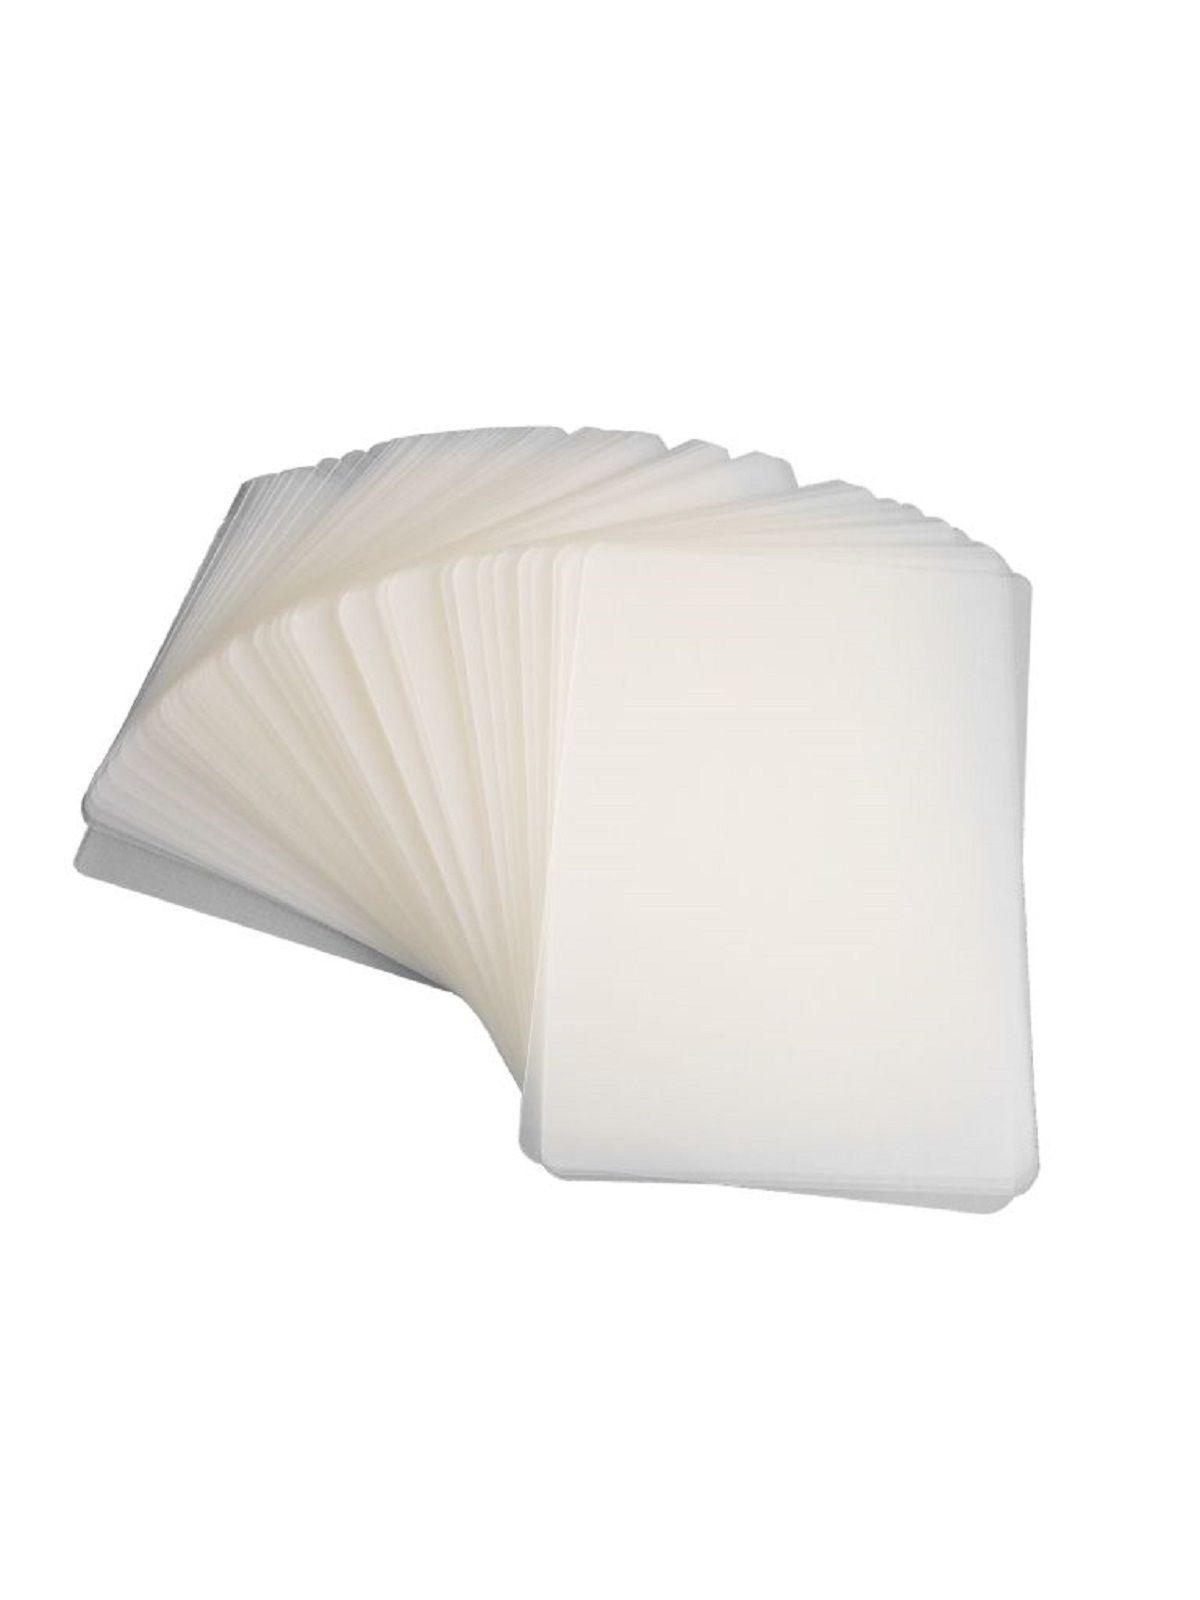 Polaseal para Plastificação 1/2 Oficio 170x226x0,07mm (175 micras) - Pacote com 100 unidades  - Click Suprimentos